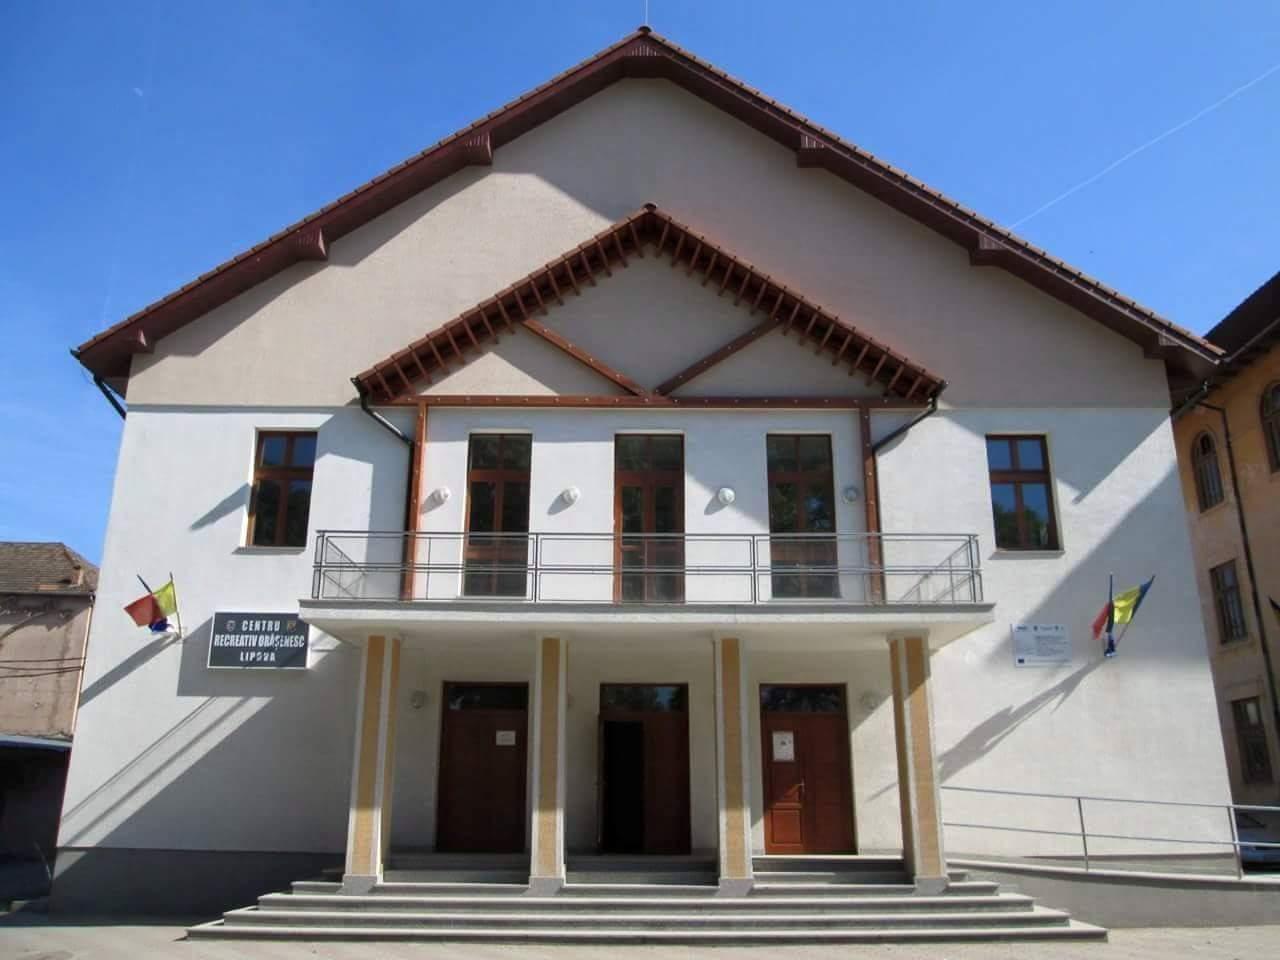 Intrarea principala a Centrului Recreativ Orăşenesc Lipova